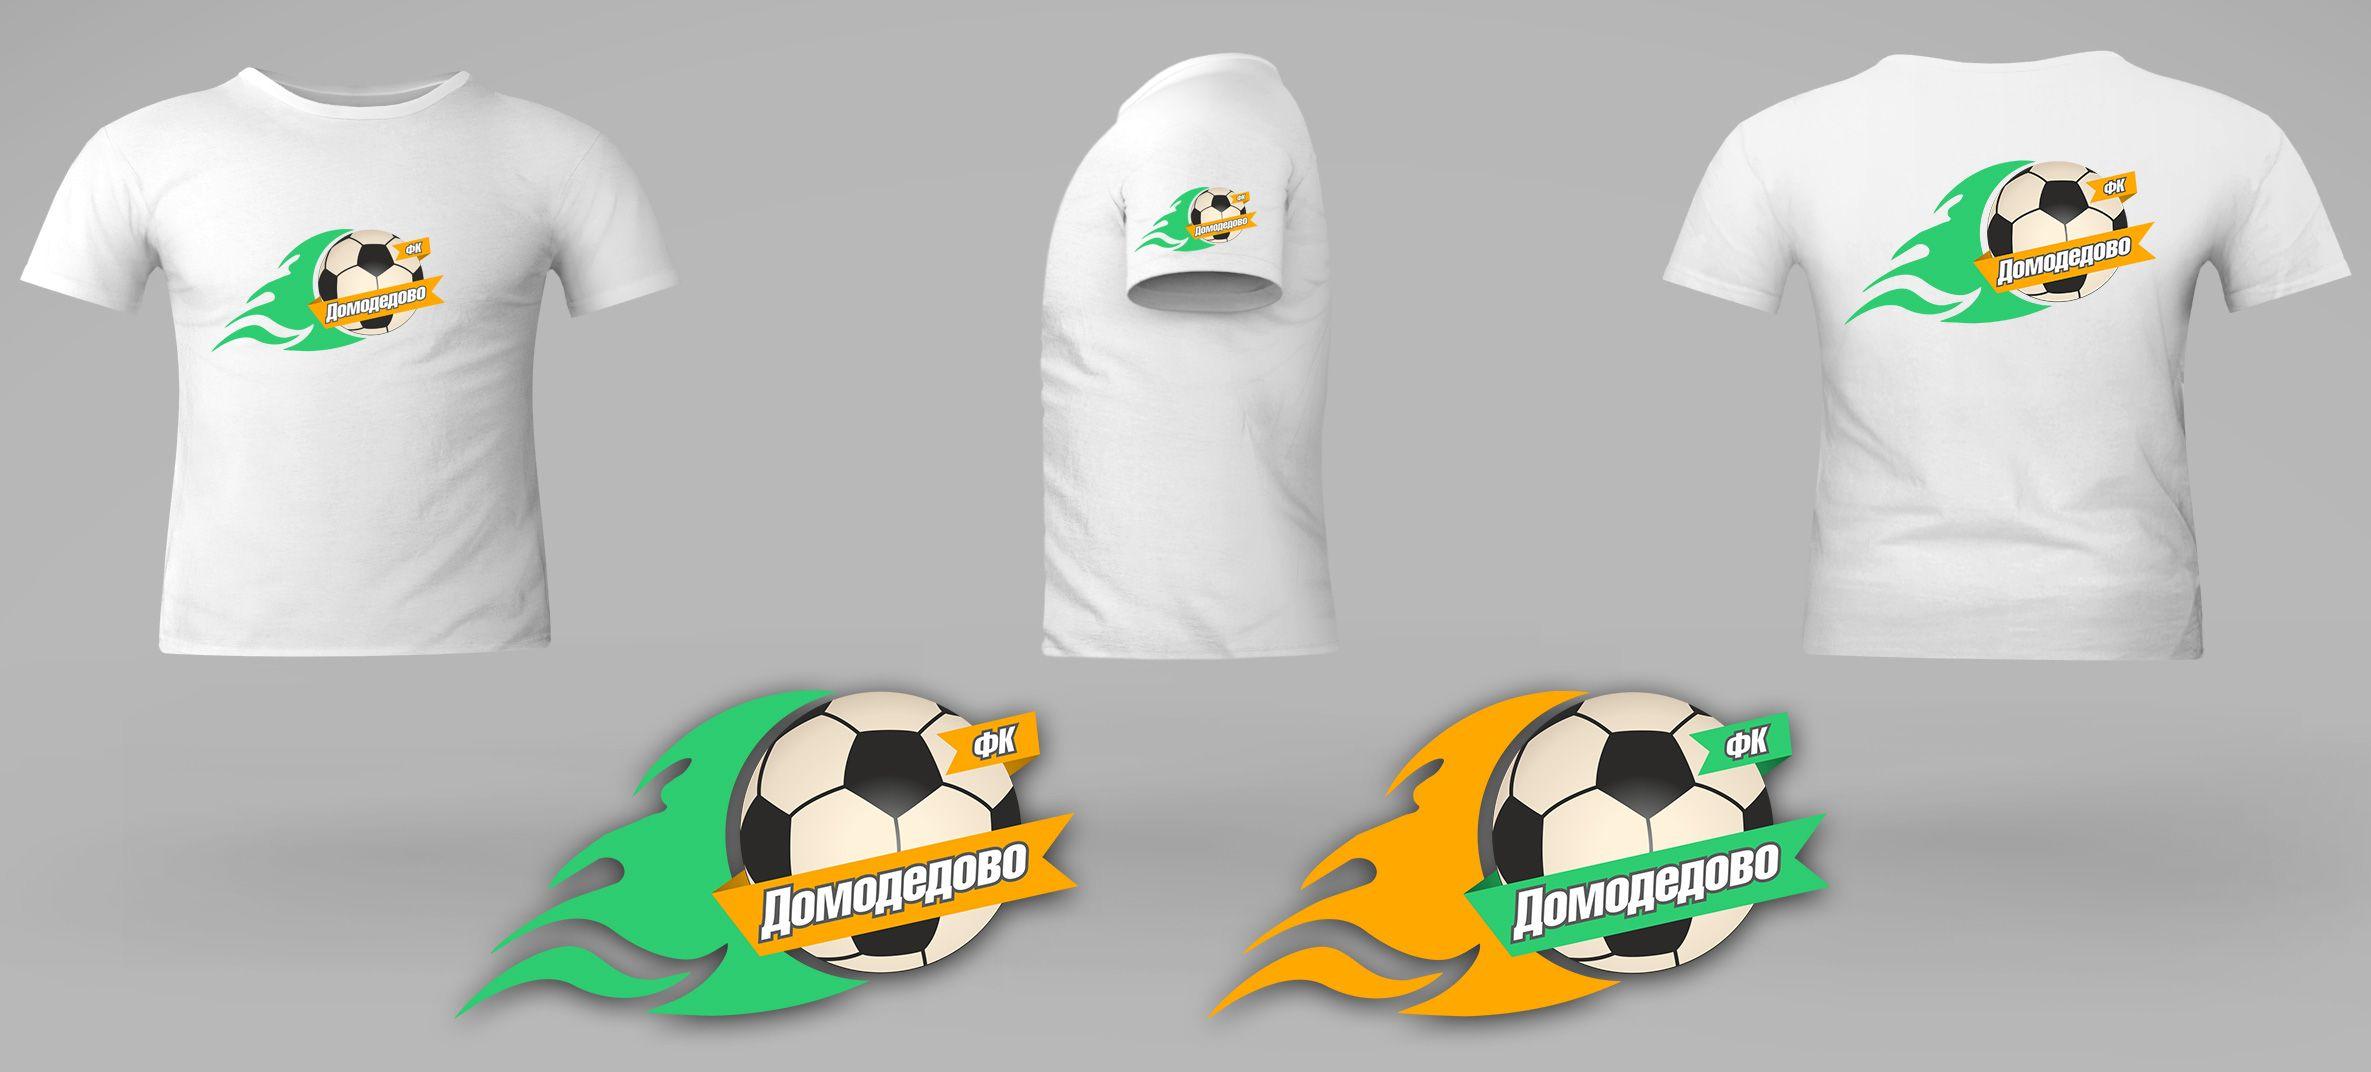 Логотип (Эмблема) для нового Футбольного клуба - дизайнер Upright